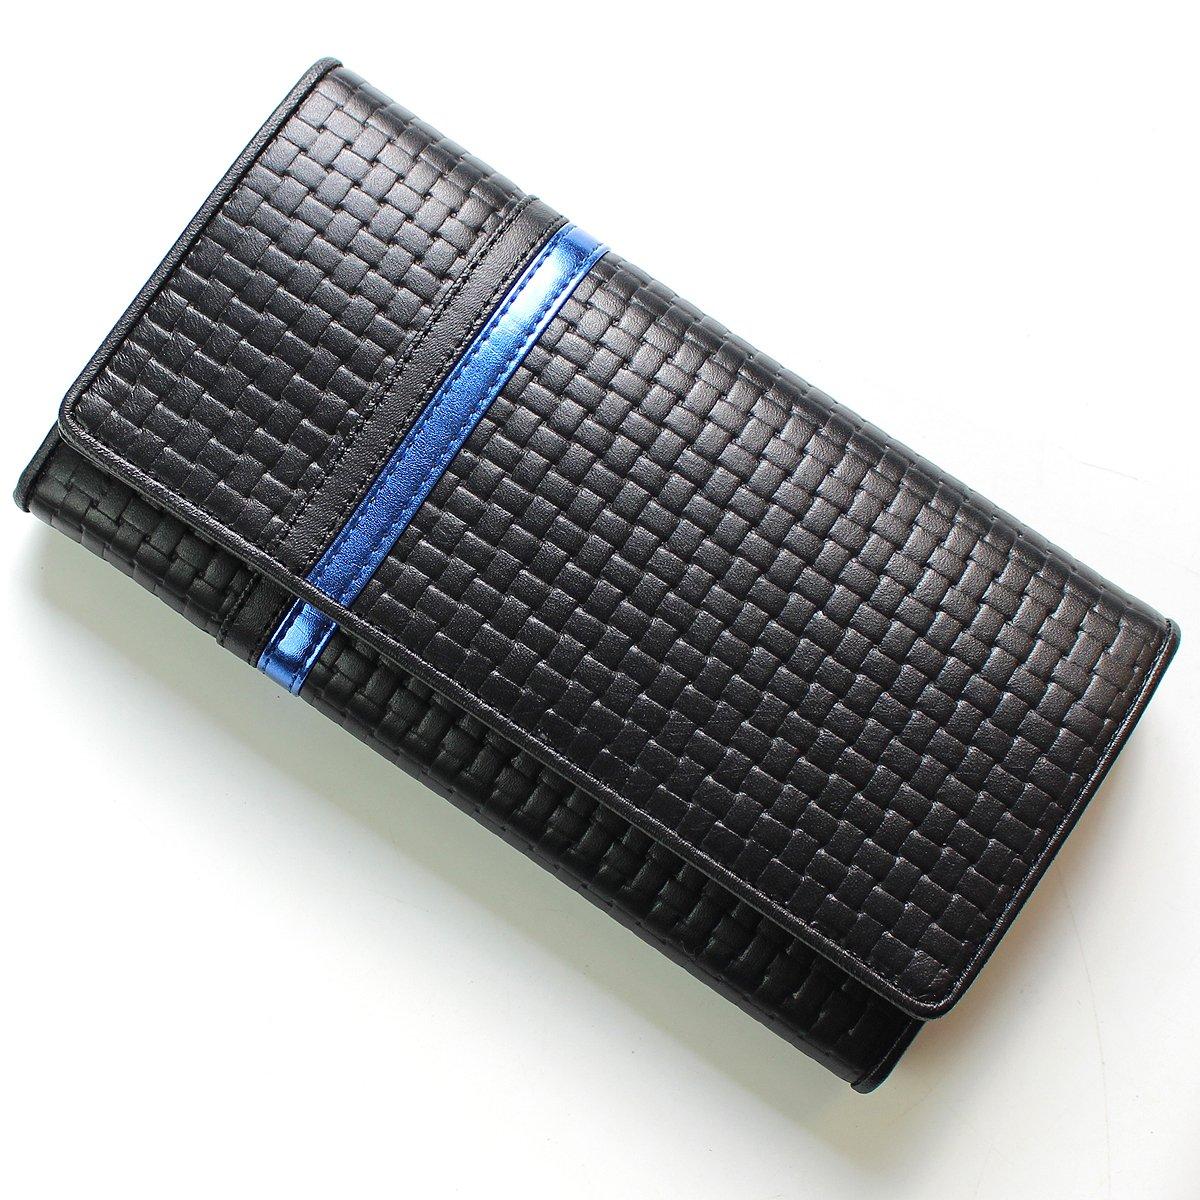 [ディアブロ] DIABLO 長財布 大容量 型押し ライン 折り 【KA-1169】 B004C8LQ0E ブラック/メタリックブルー ブラック/メタリックブルー